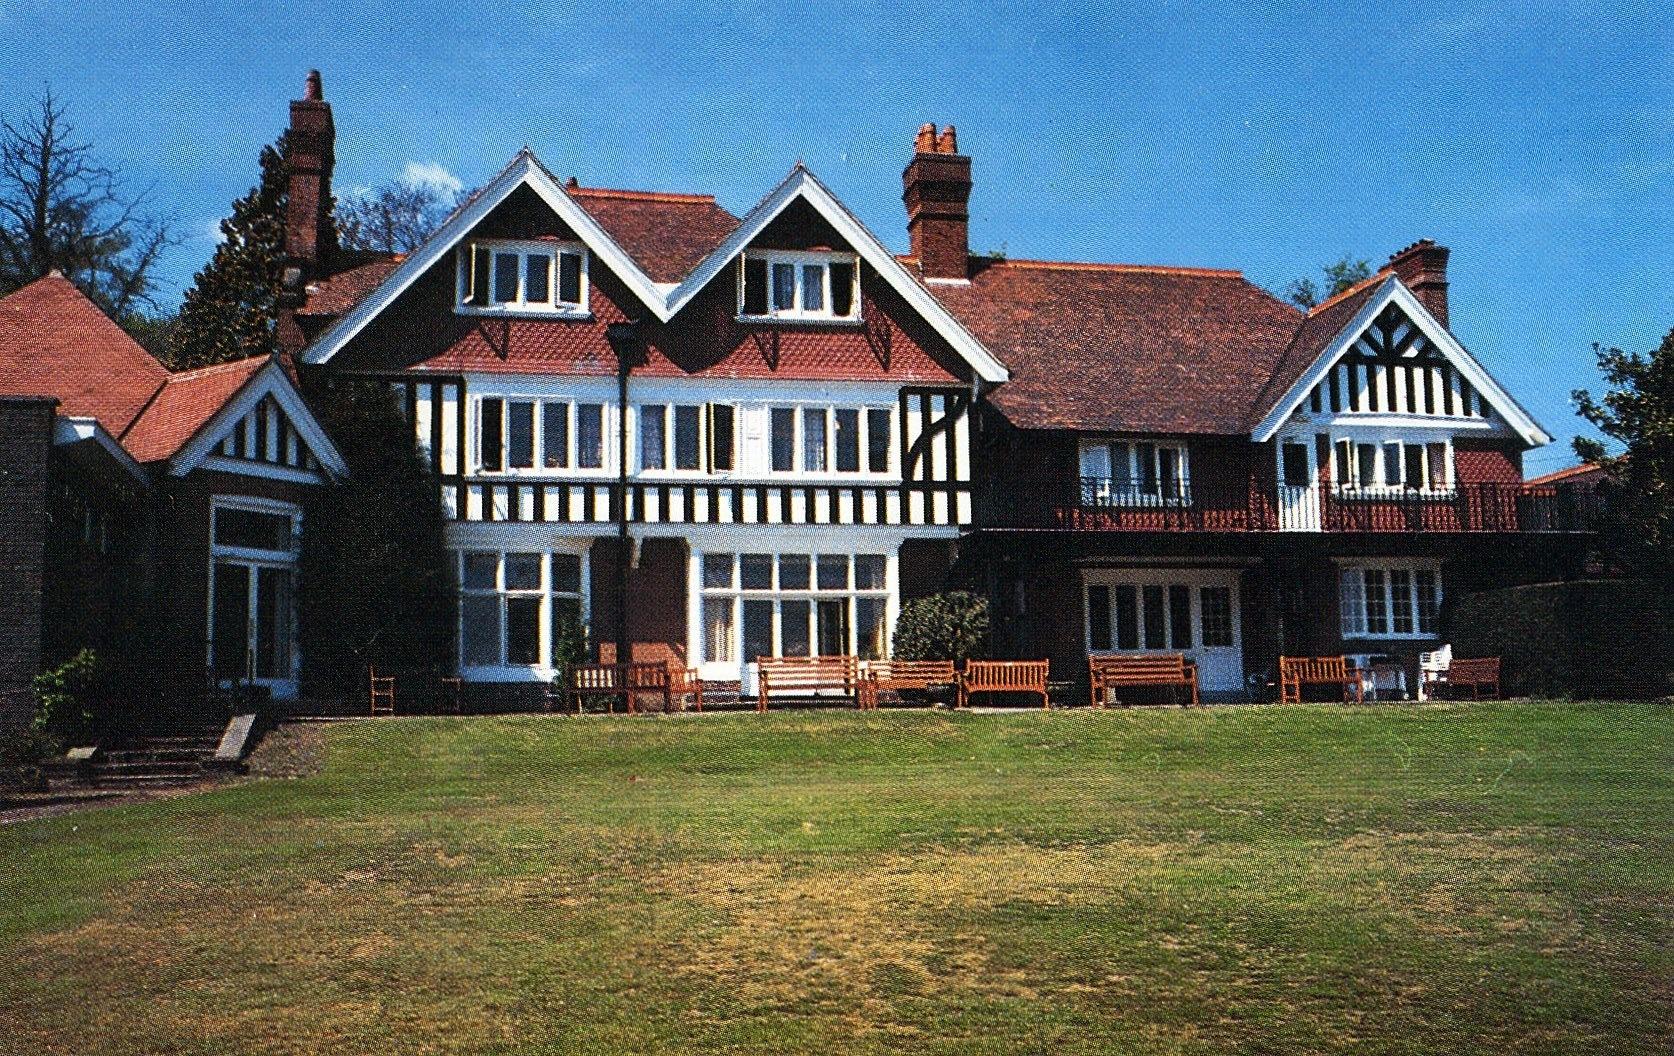 イギリスボランティア時代に住み込みしていた老人ホーム。